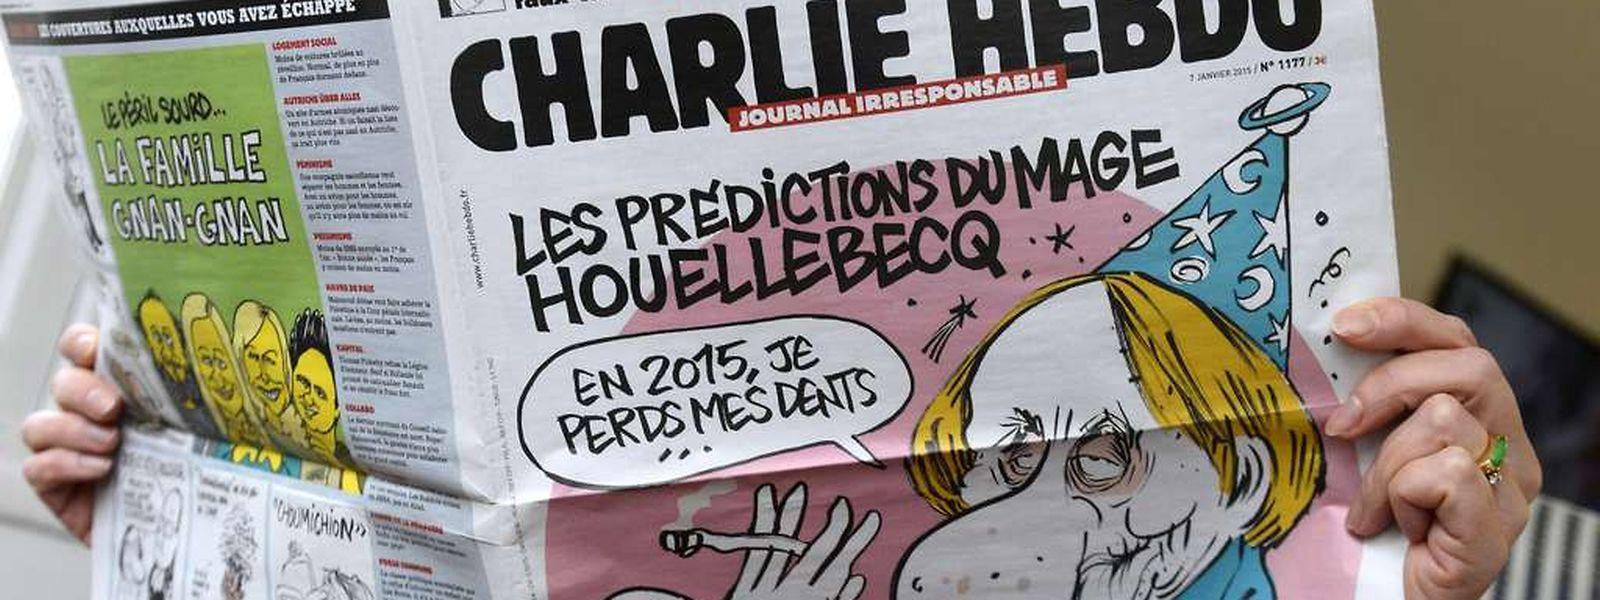 Auflage Eine Million Exemplare Charlie Hebdo Kommt Nachste Woche Heraus